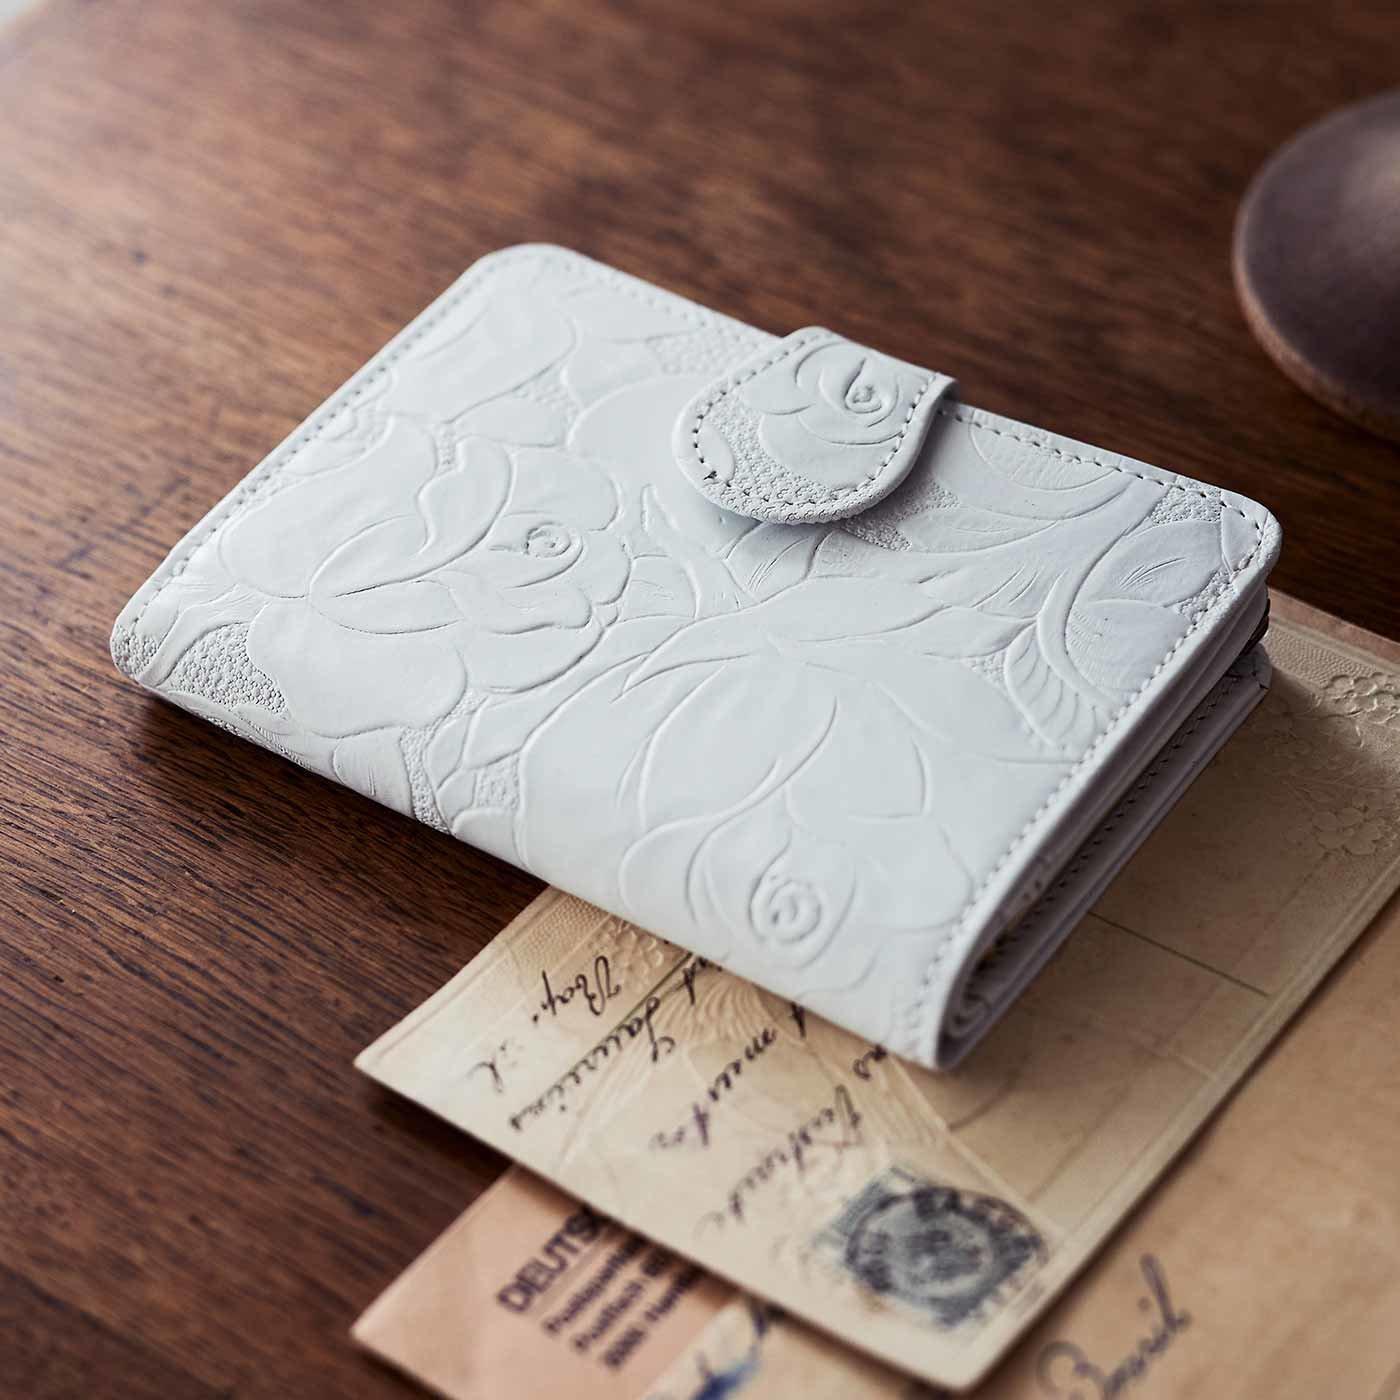 財布&革職人が叶えた 薔薇の刻印 折り財布〈ホワイトローズ〉[本革 財布:日本製]